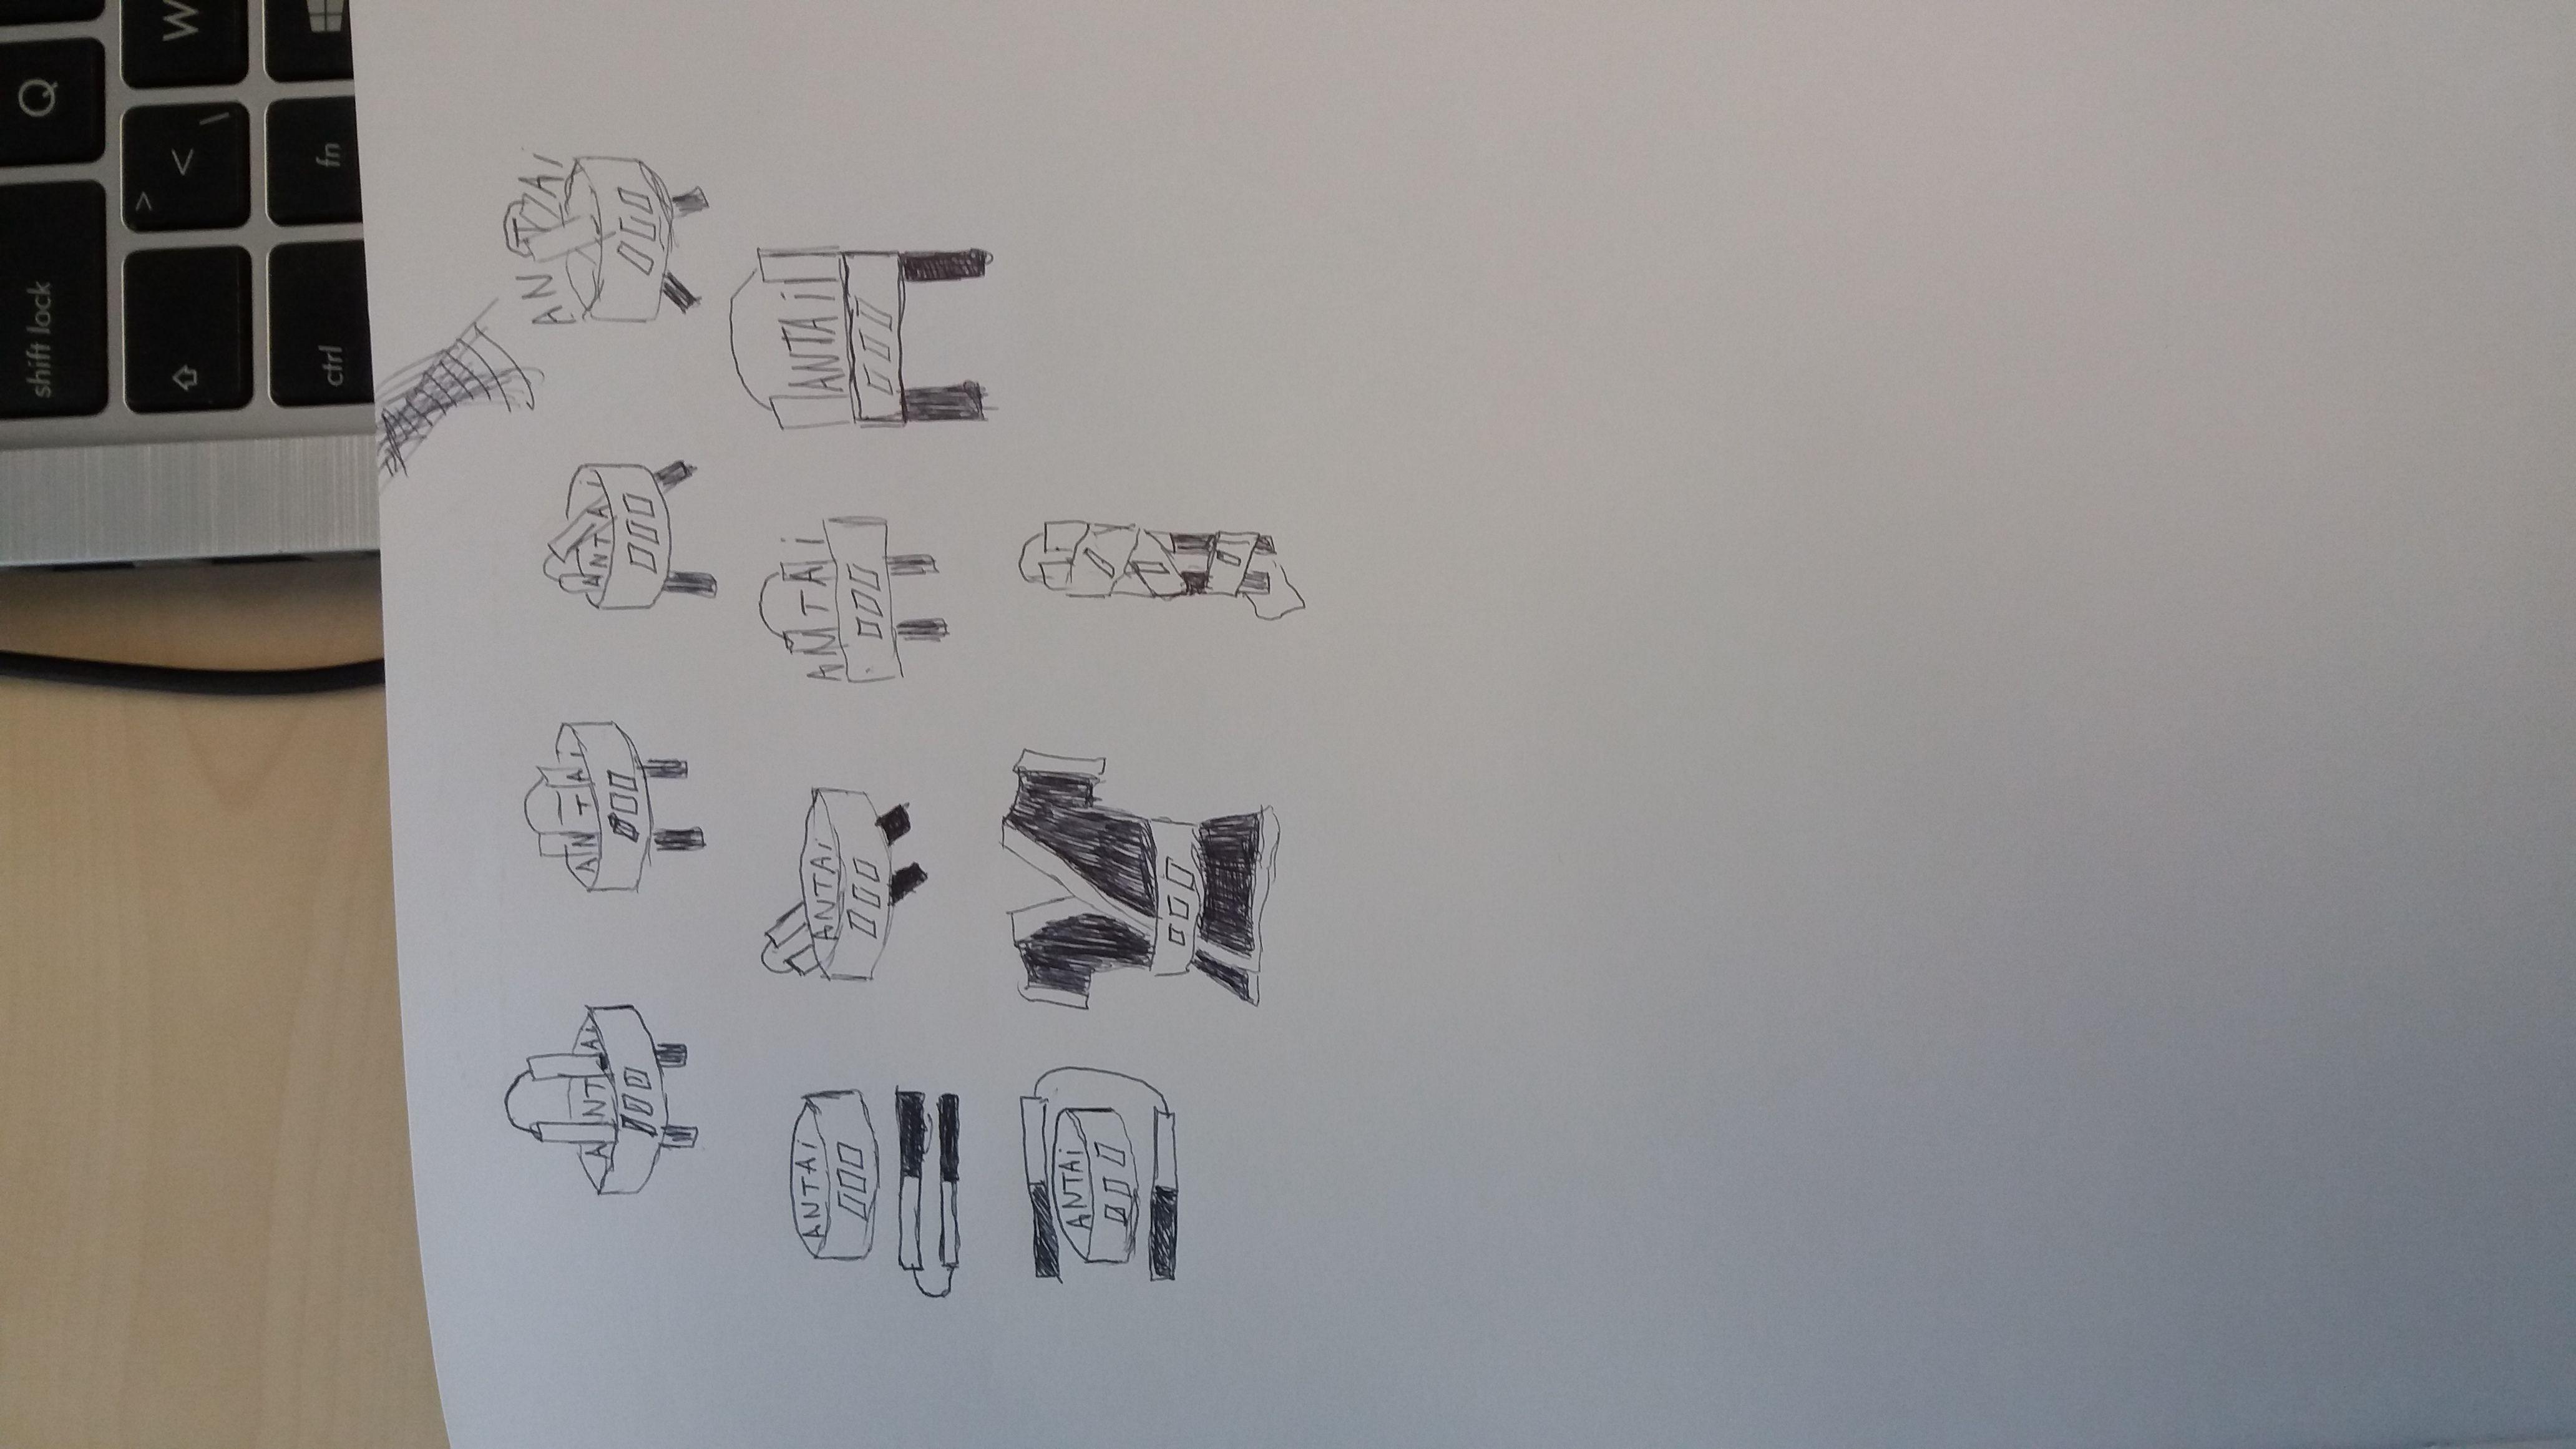 3de schetsen  Gebaseerd op resultaten van de digitale schetsen, we hebben bekeken welke elementen werkten en welke niet. Daarna zijn deze schetsen samengesteld en vervolgens ook gedigitaliseerd.